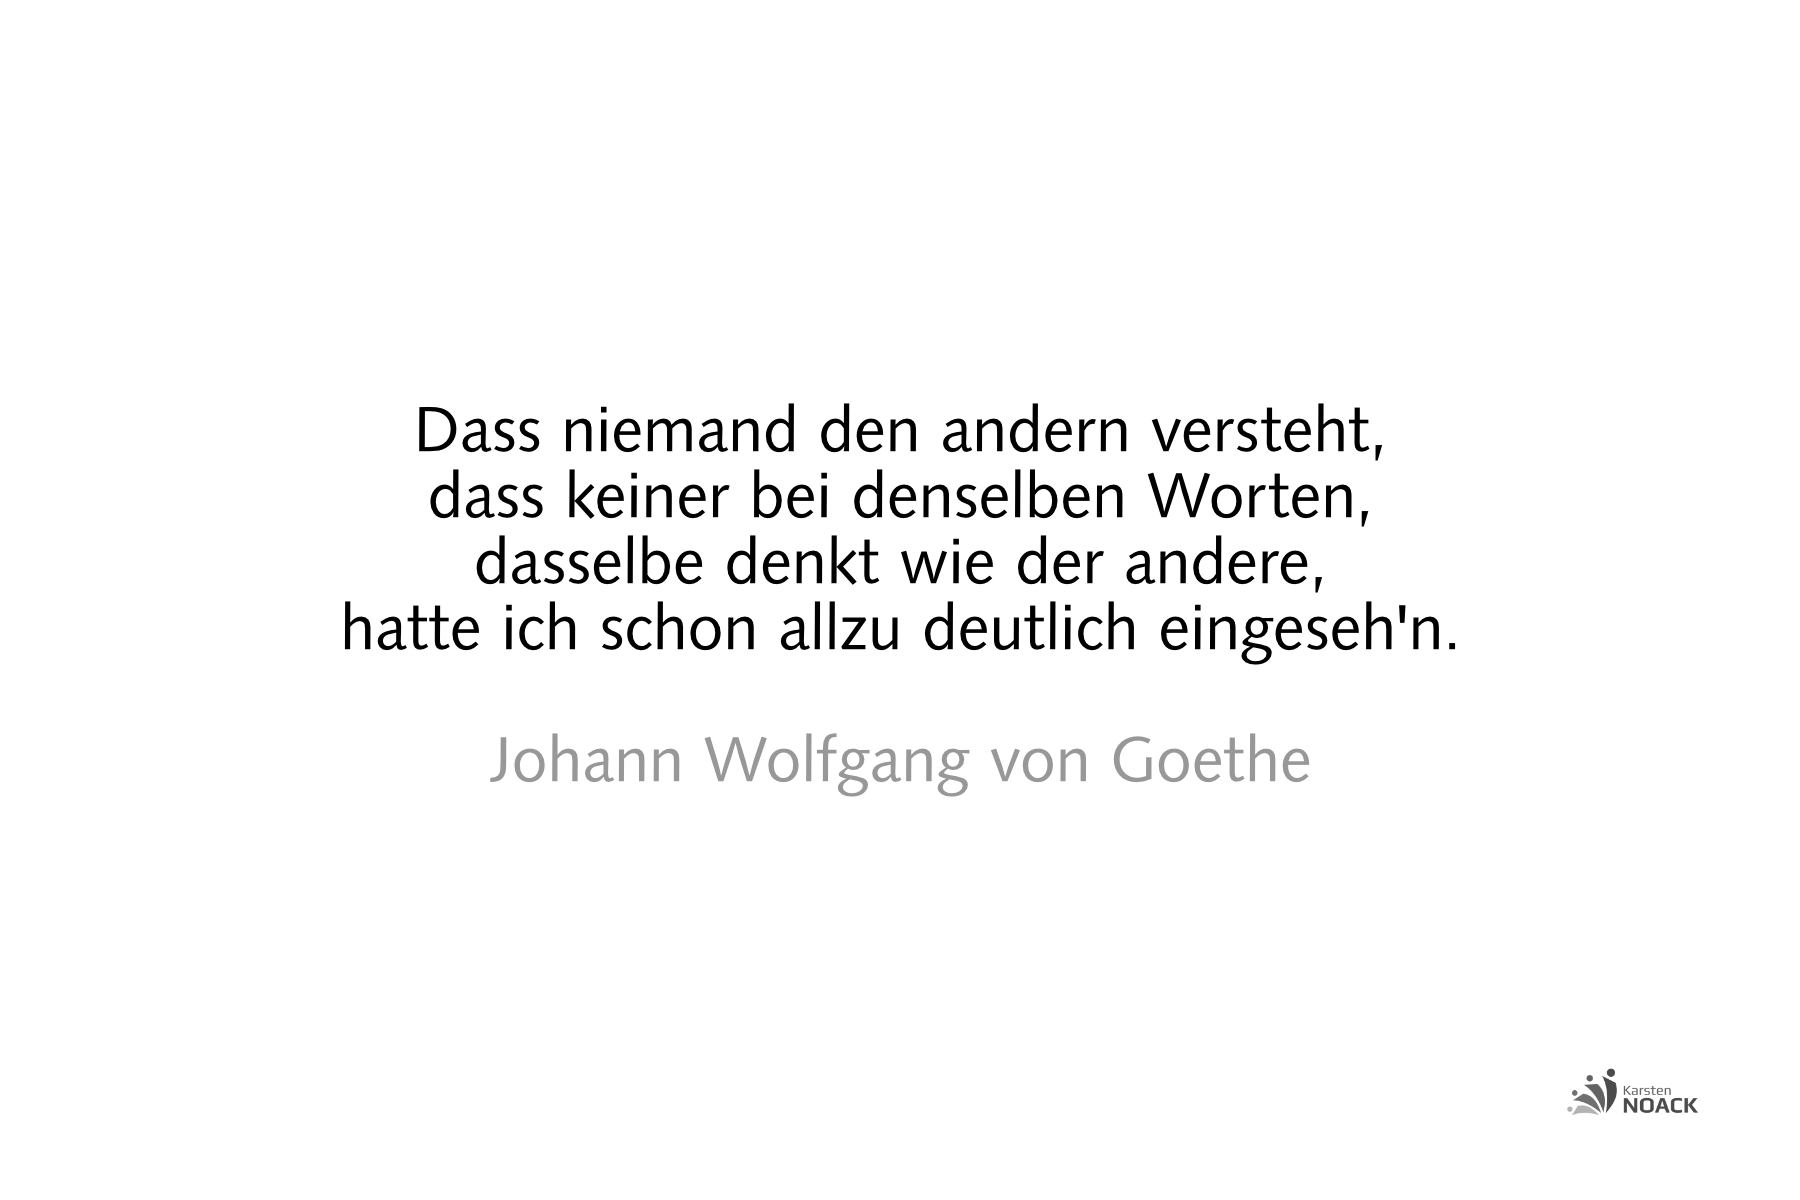 Dass niemand den andern versteht, dass keiner bei denselben Worten, dasselbe denkt wie der andere, hatte ich schon allzu deutlich eingeseh'n. Johann Wolfgang von Goethe